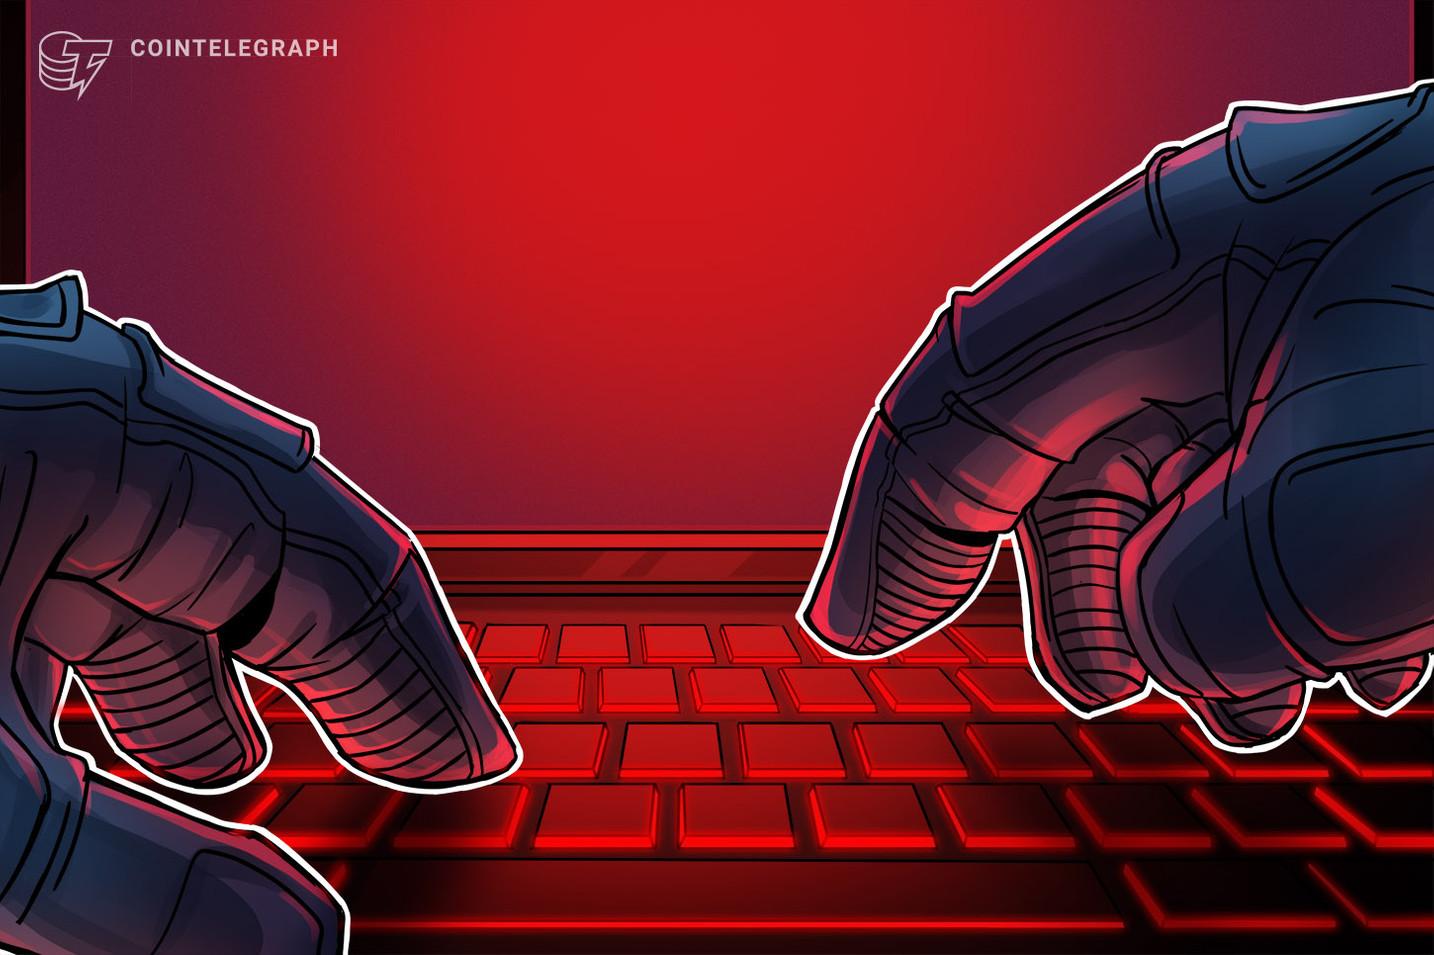 O Maze Hacker Group alega ter infectado a gigante de seguros Chubb com um Ransomware